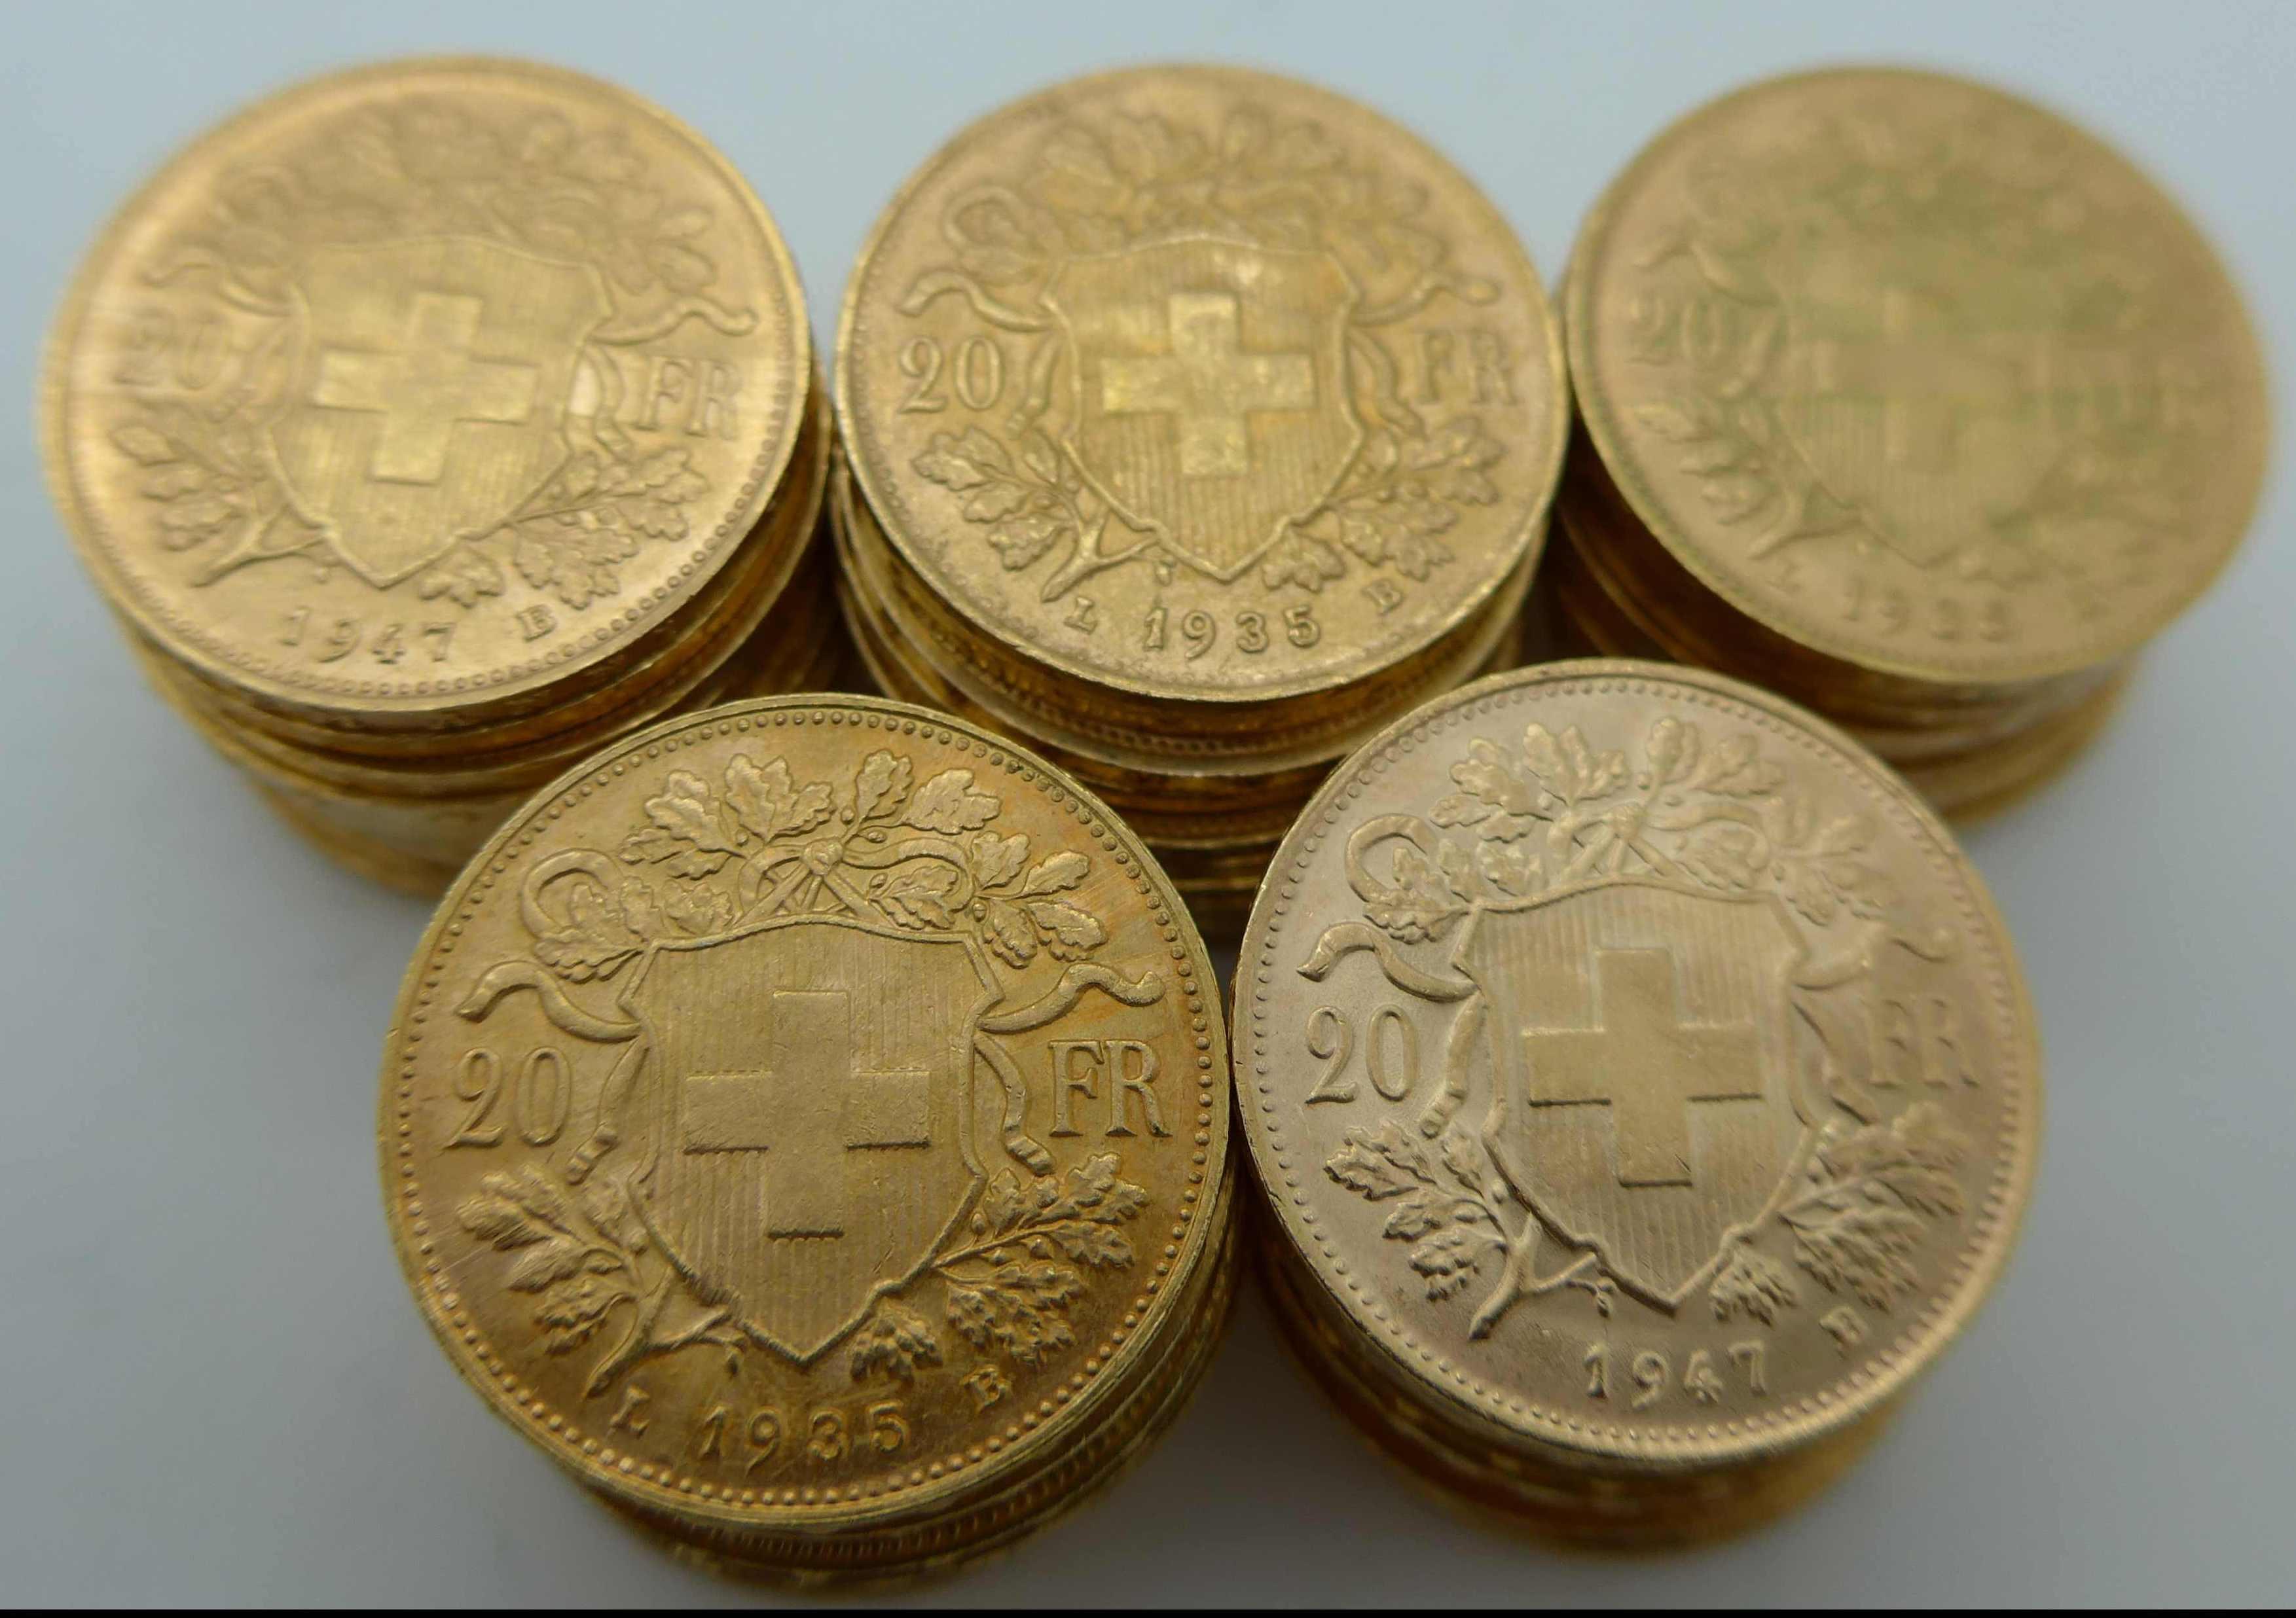 50 Vreneli Goldmünzen